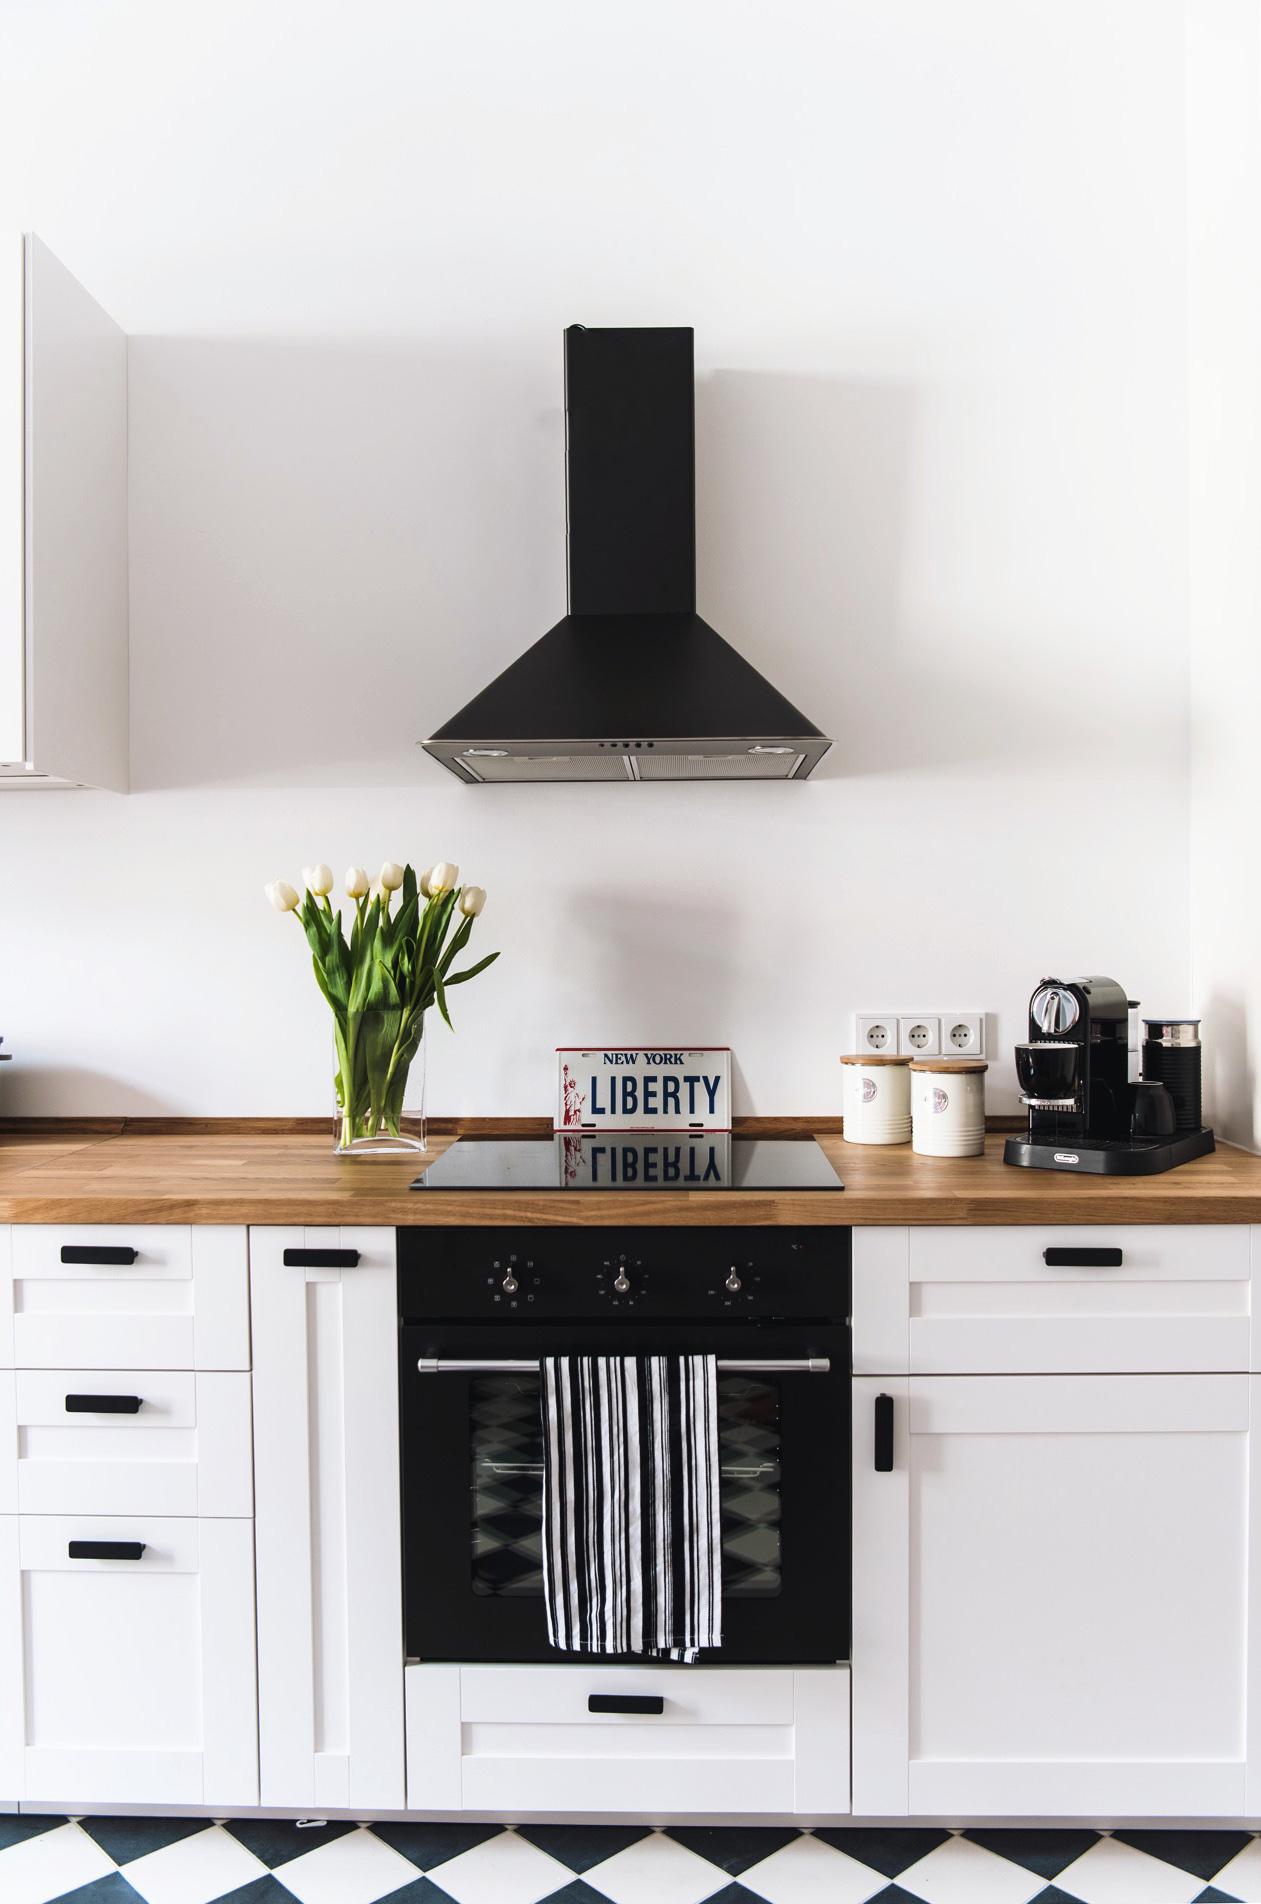 schwarz-weiße-küche-deko-schachbrettmuster-fußboden-altbau-wohnung-münchen-nina-bloggerin-fashiioncarpet